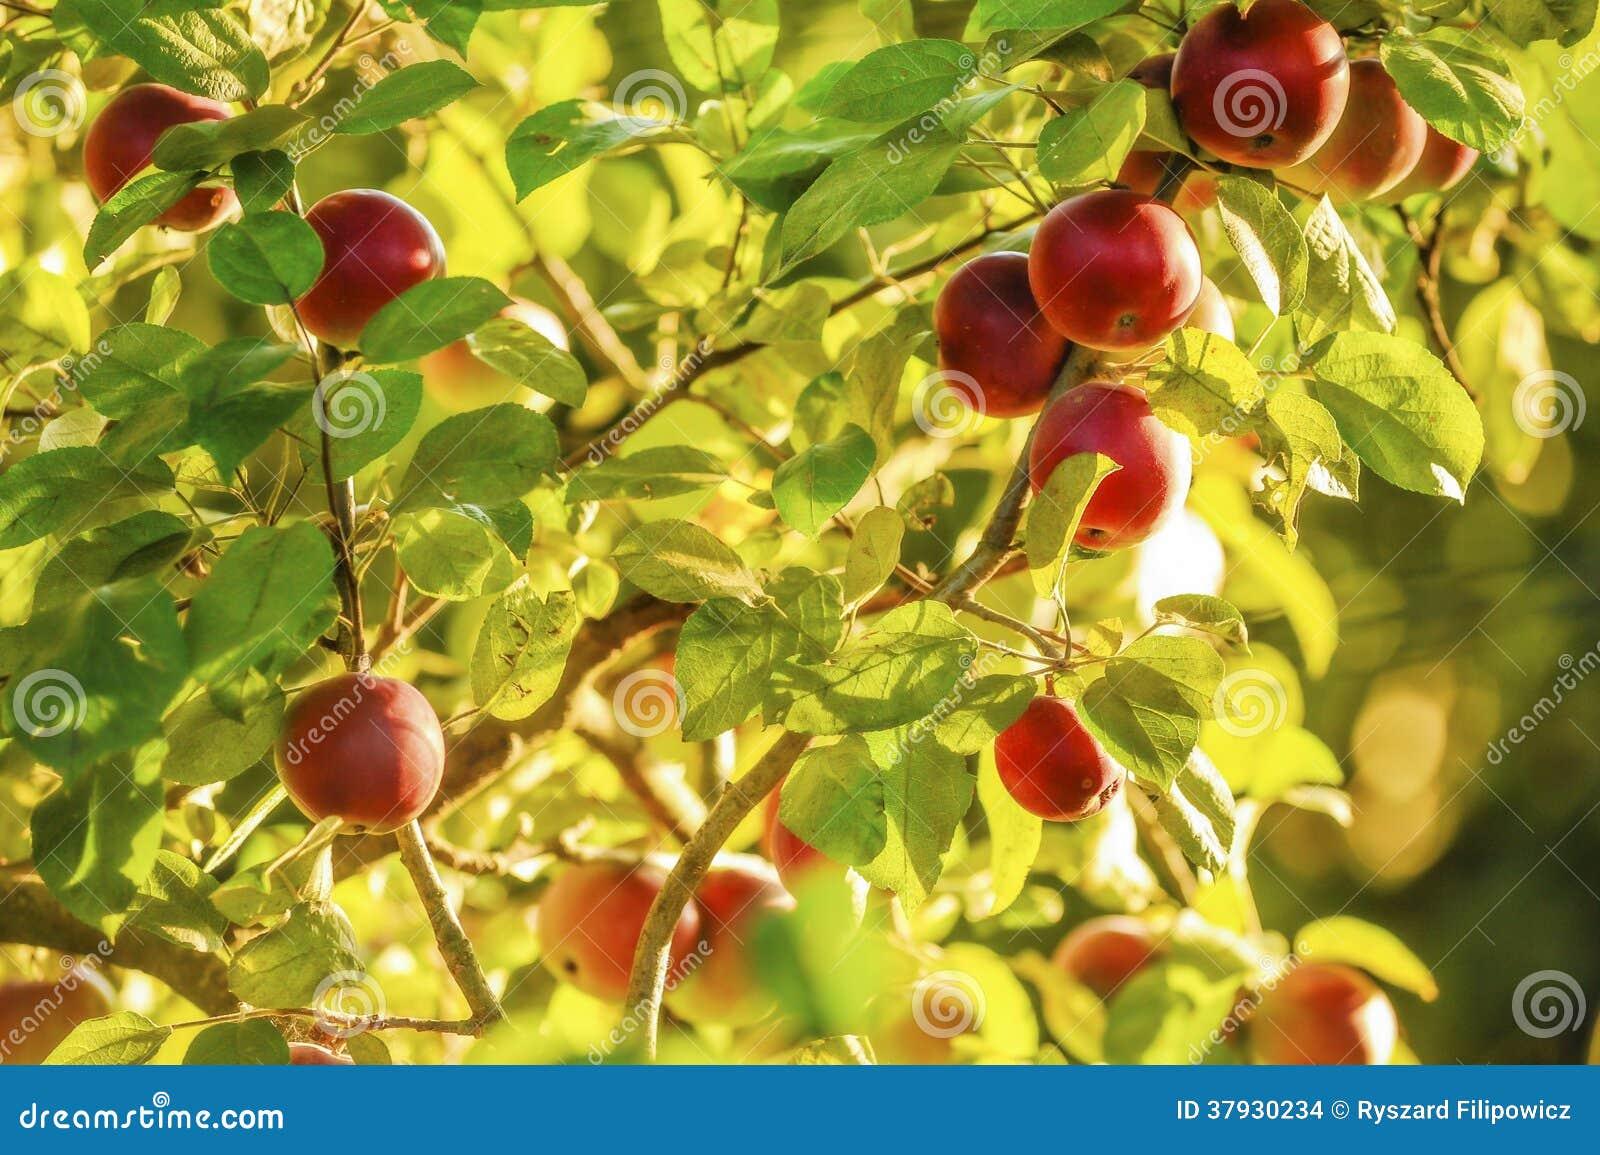 Μήλα στο δέντρο.